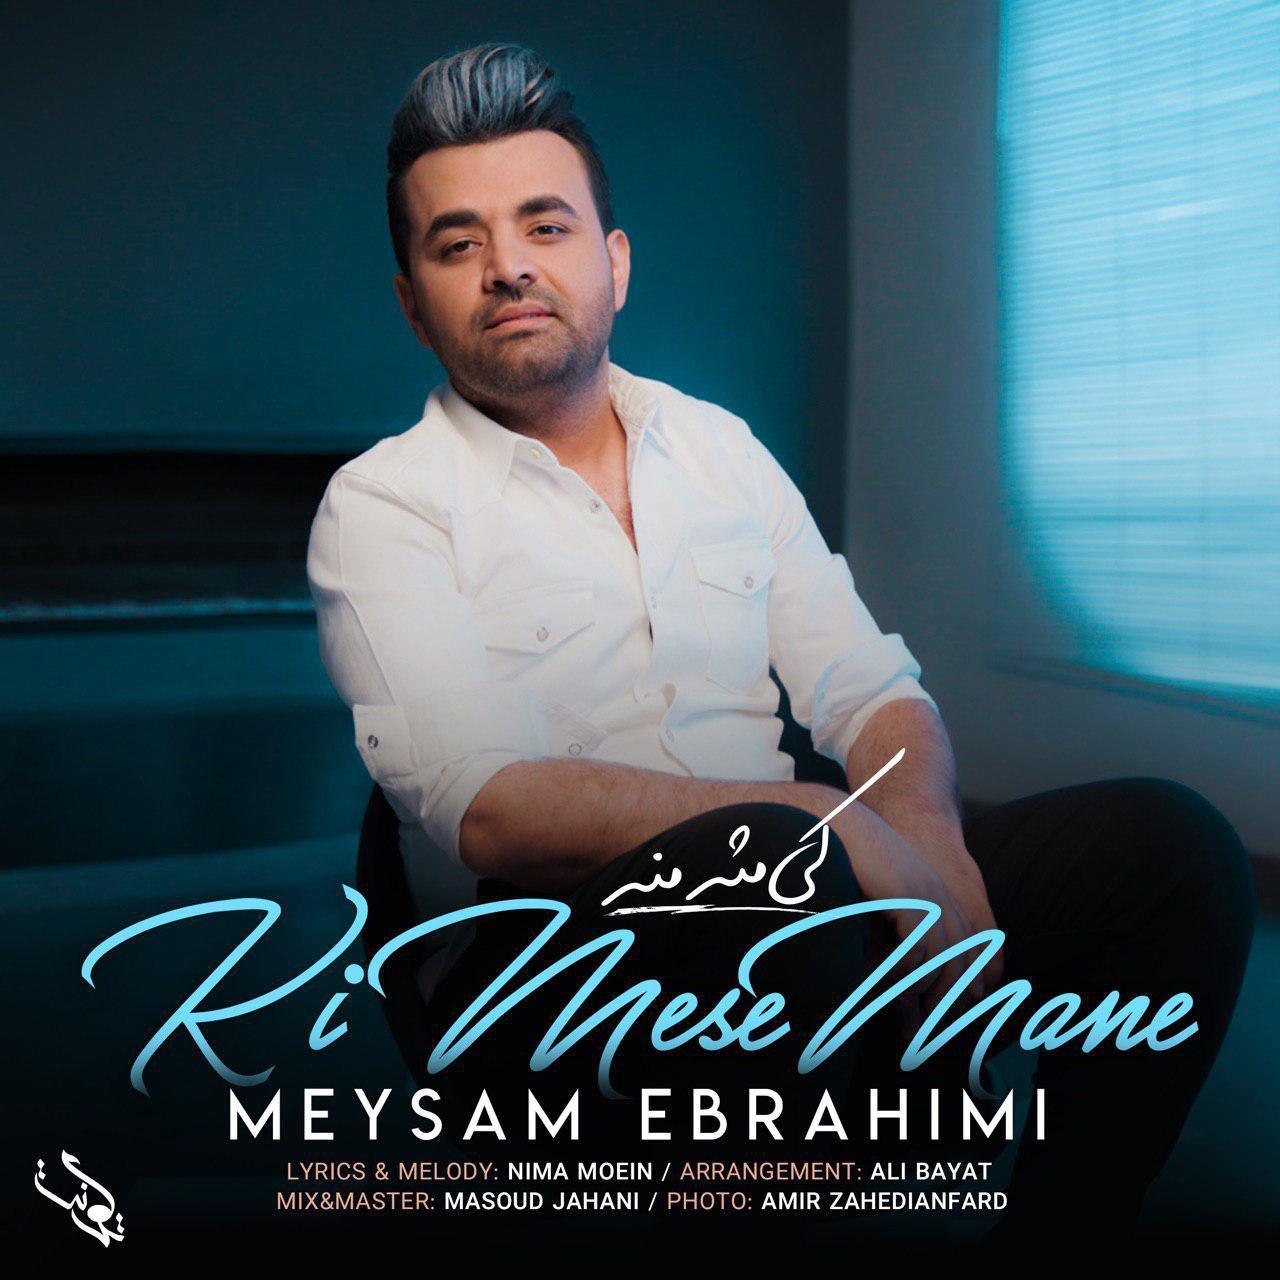 Meysam Ebrahimi – Ki Mese Man